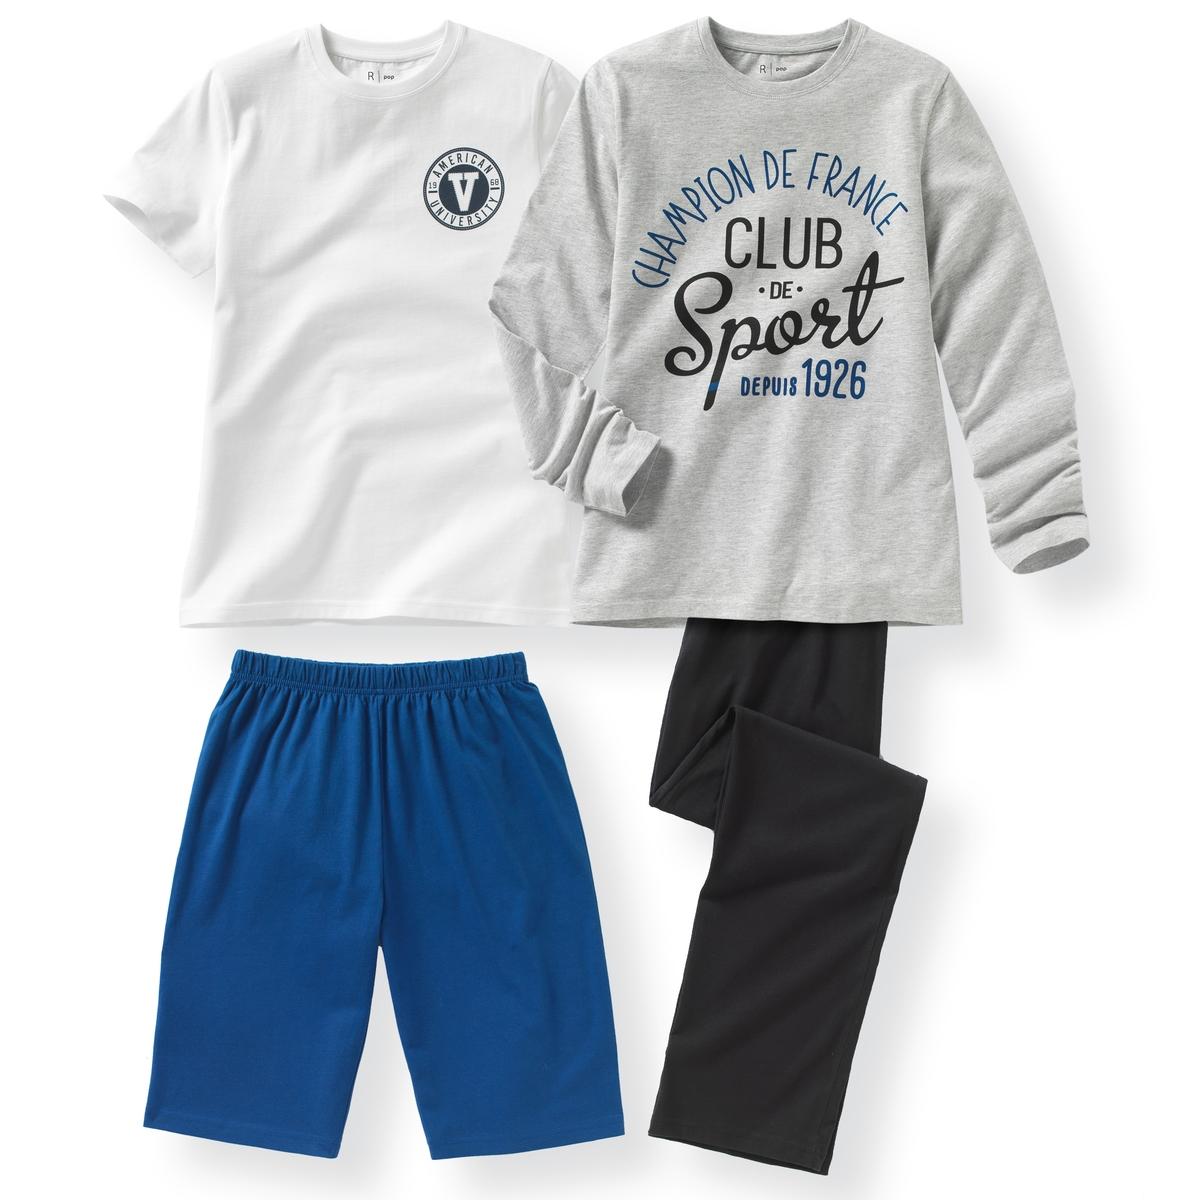 2 пижамы со спортивной тематикой 10-16 лет